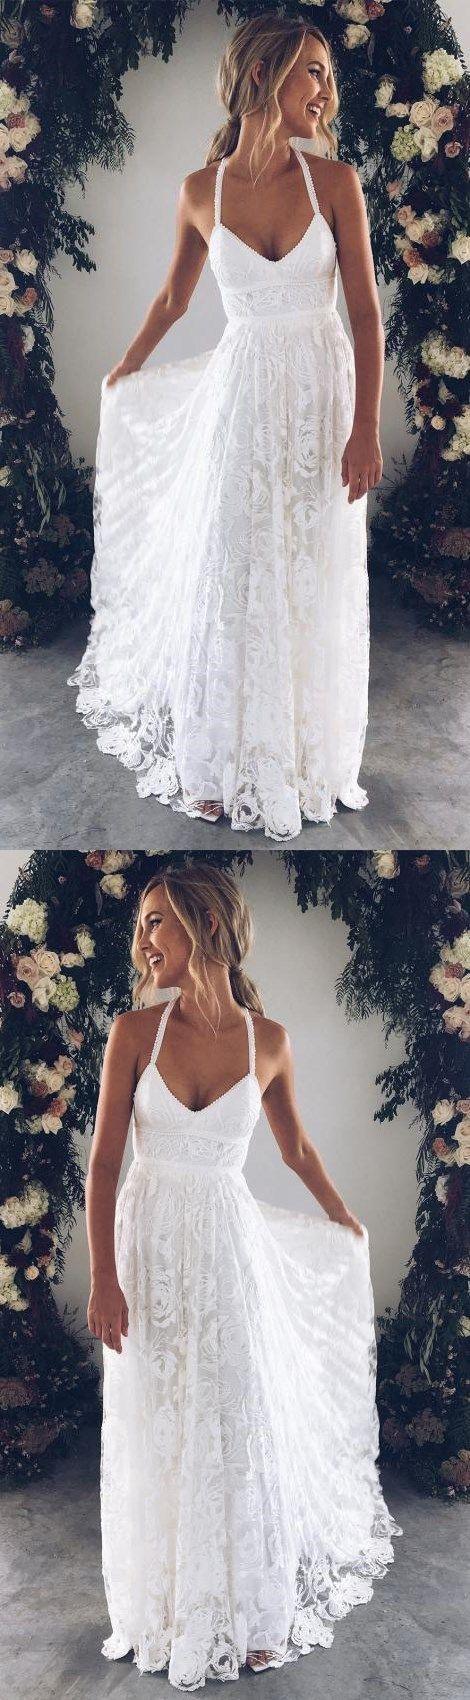 5 Großartig Langes Abendkleid Weiß Stylish - Abendkleid